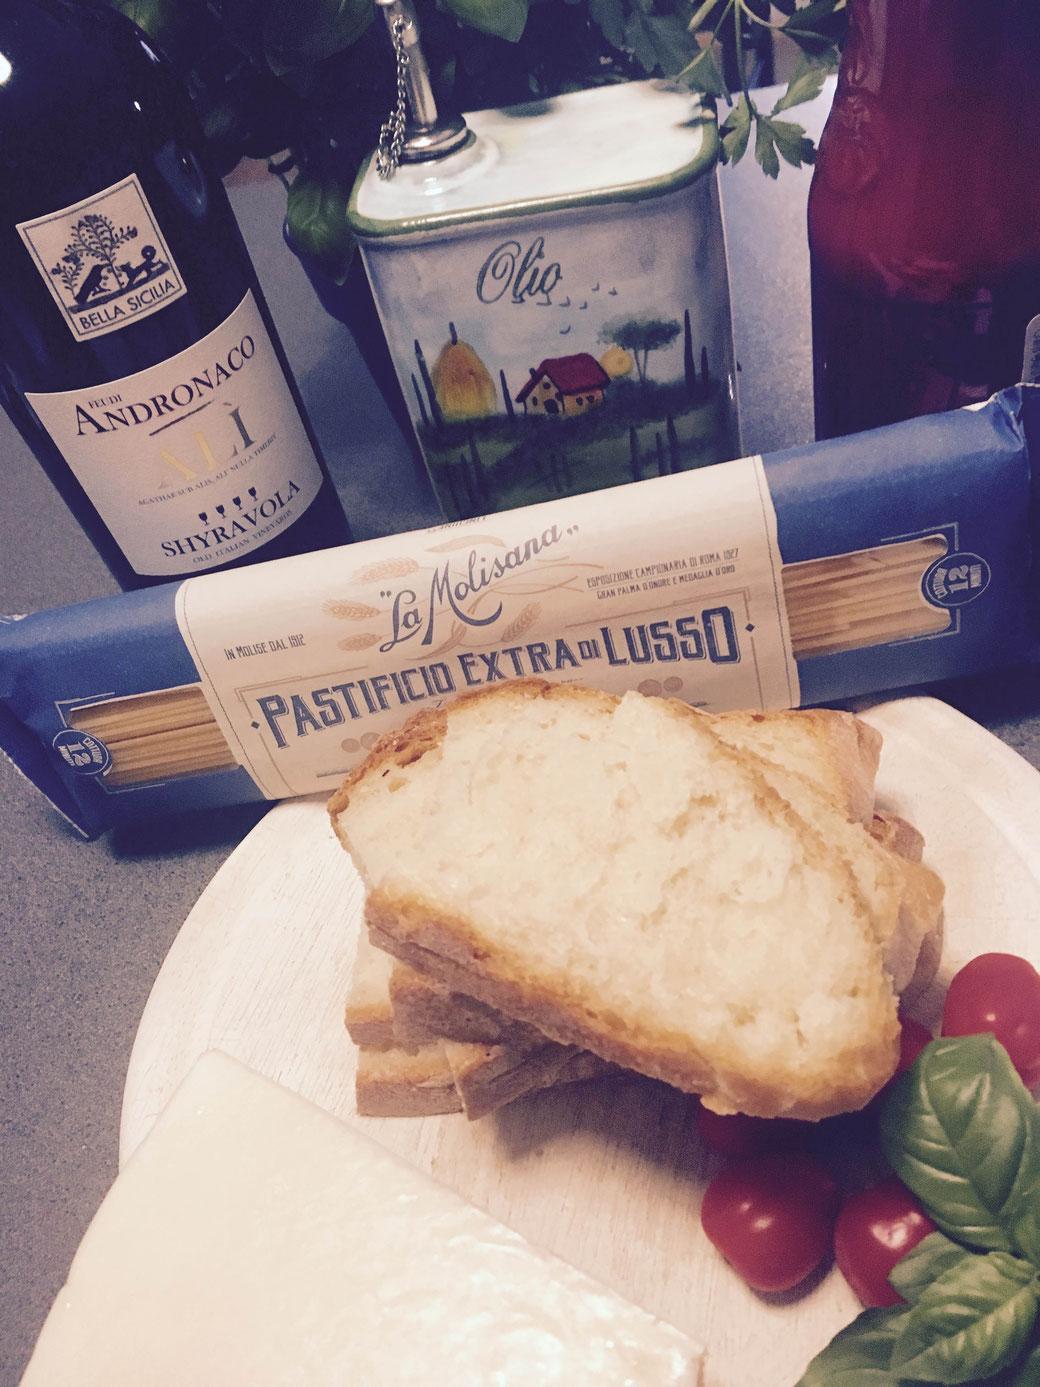 Das berühmte Brot von Filomena und Pasta aus Molise.